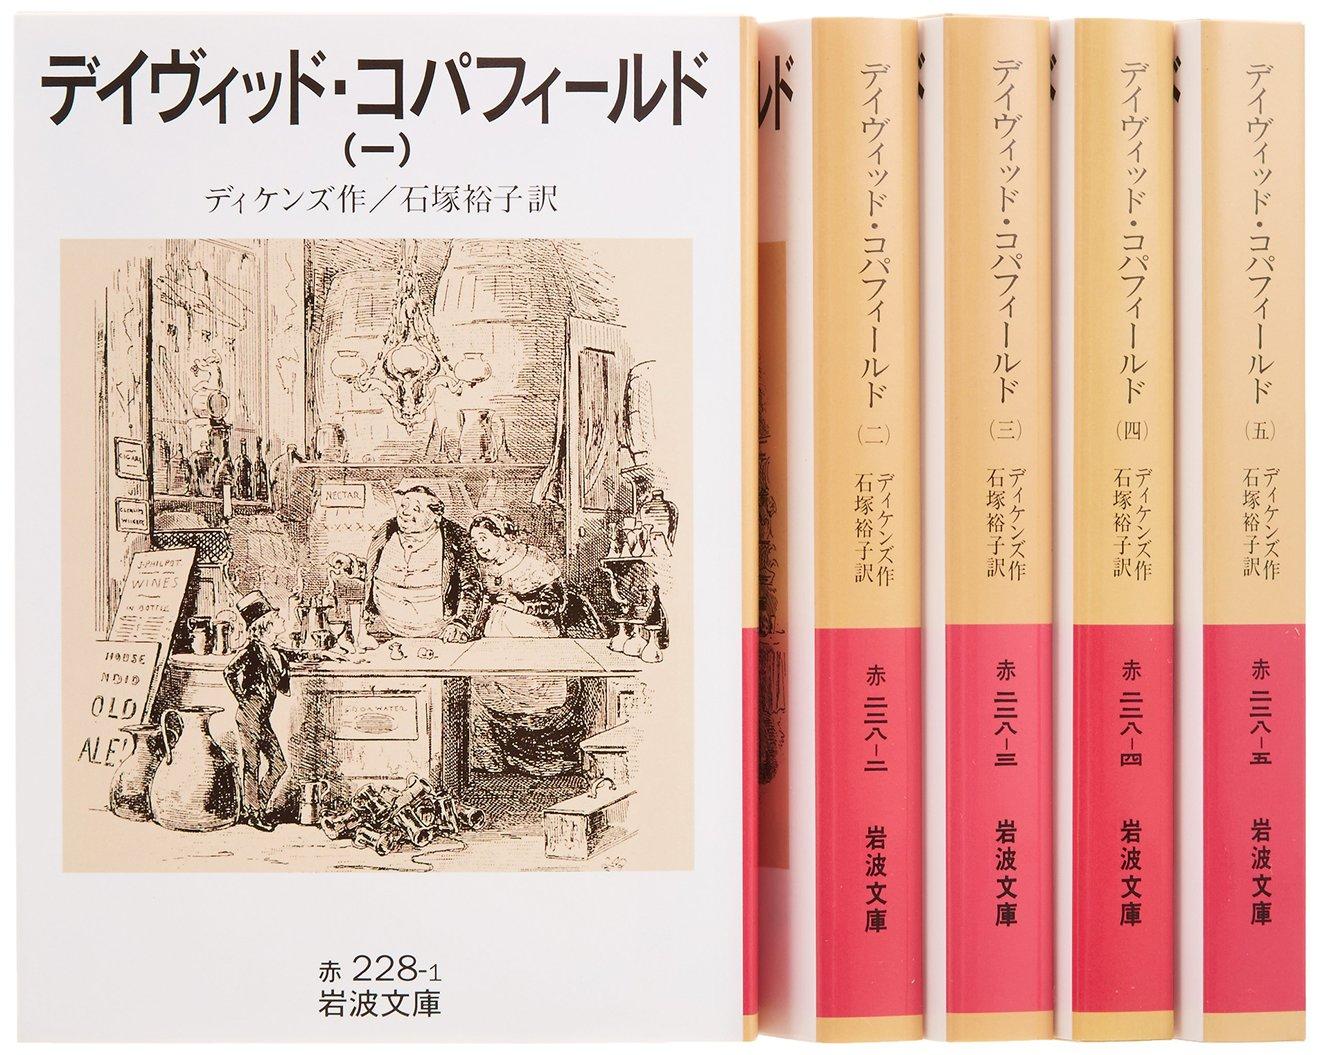 小説『デイヴィッド・コパフィールド』を全巻ネタバレ紹介!映画化も決定!